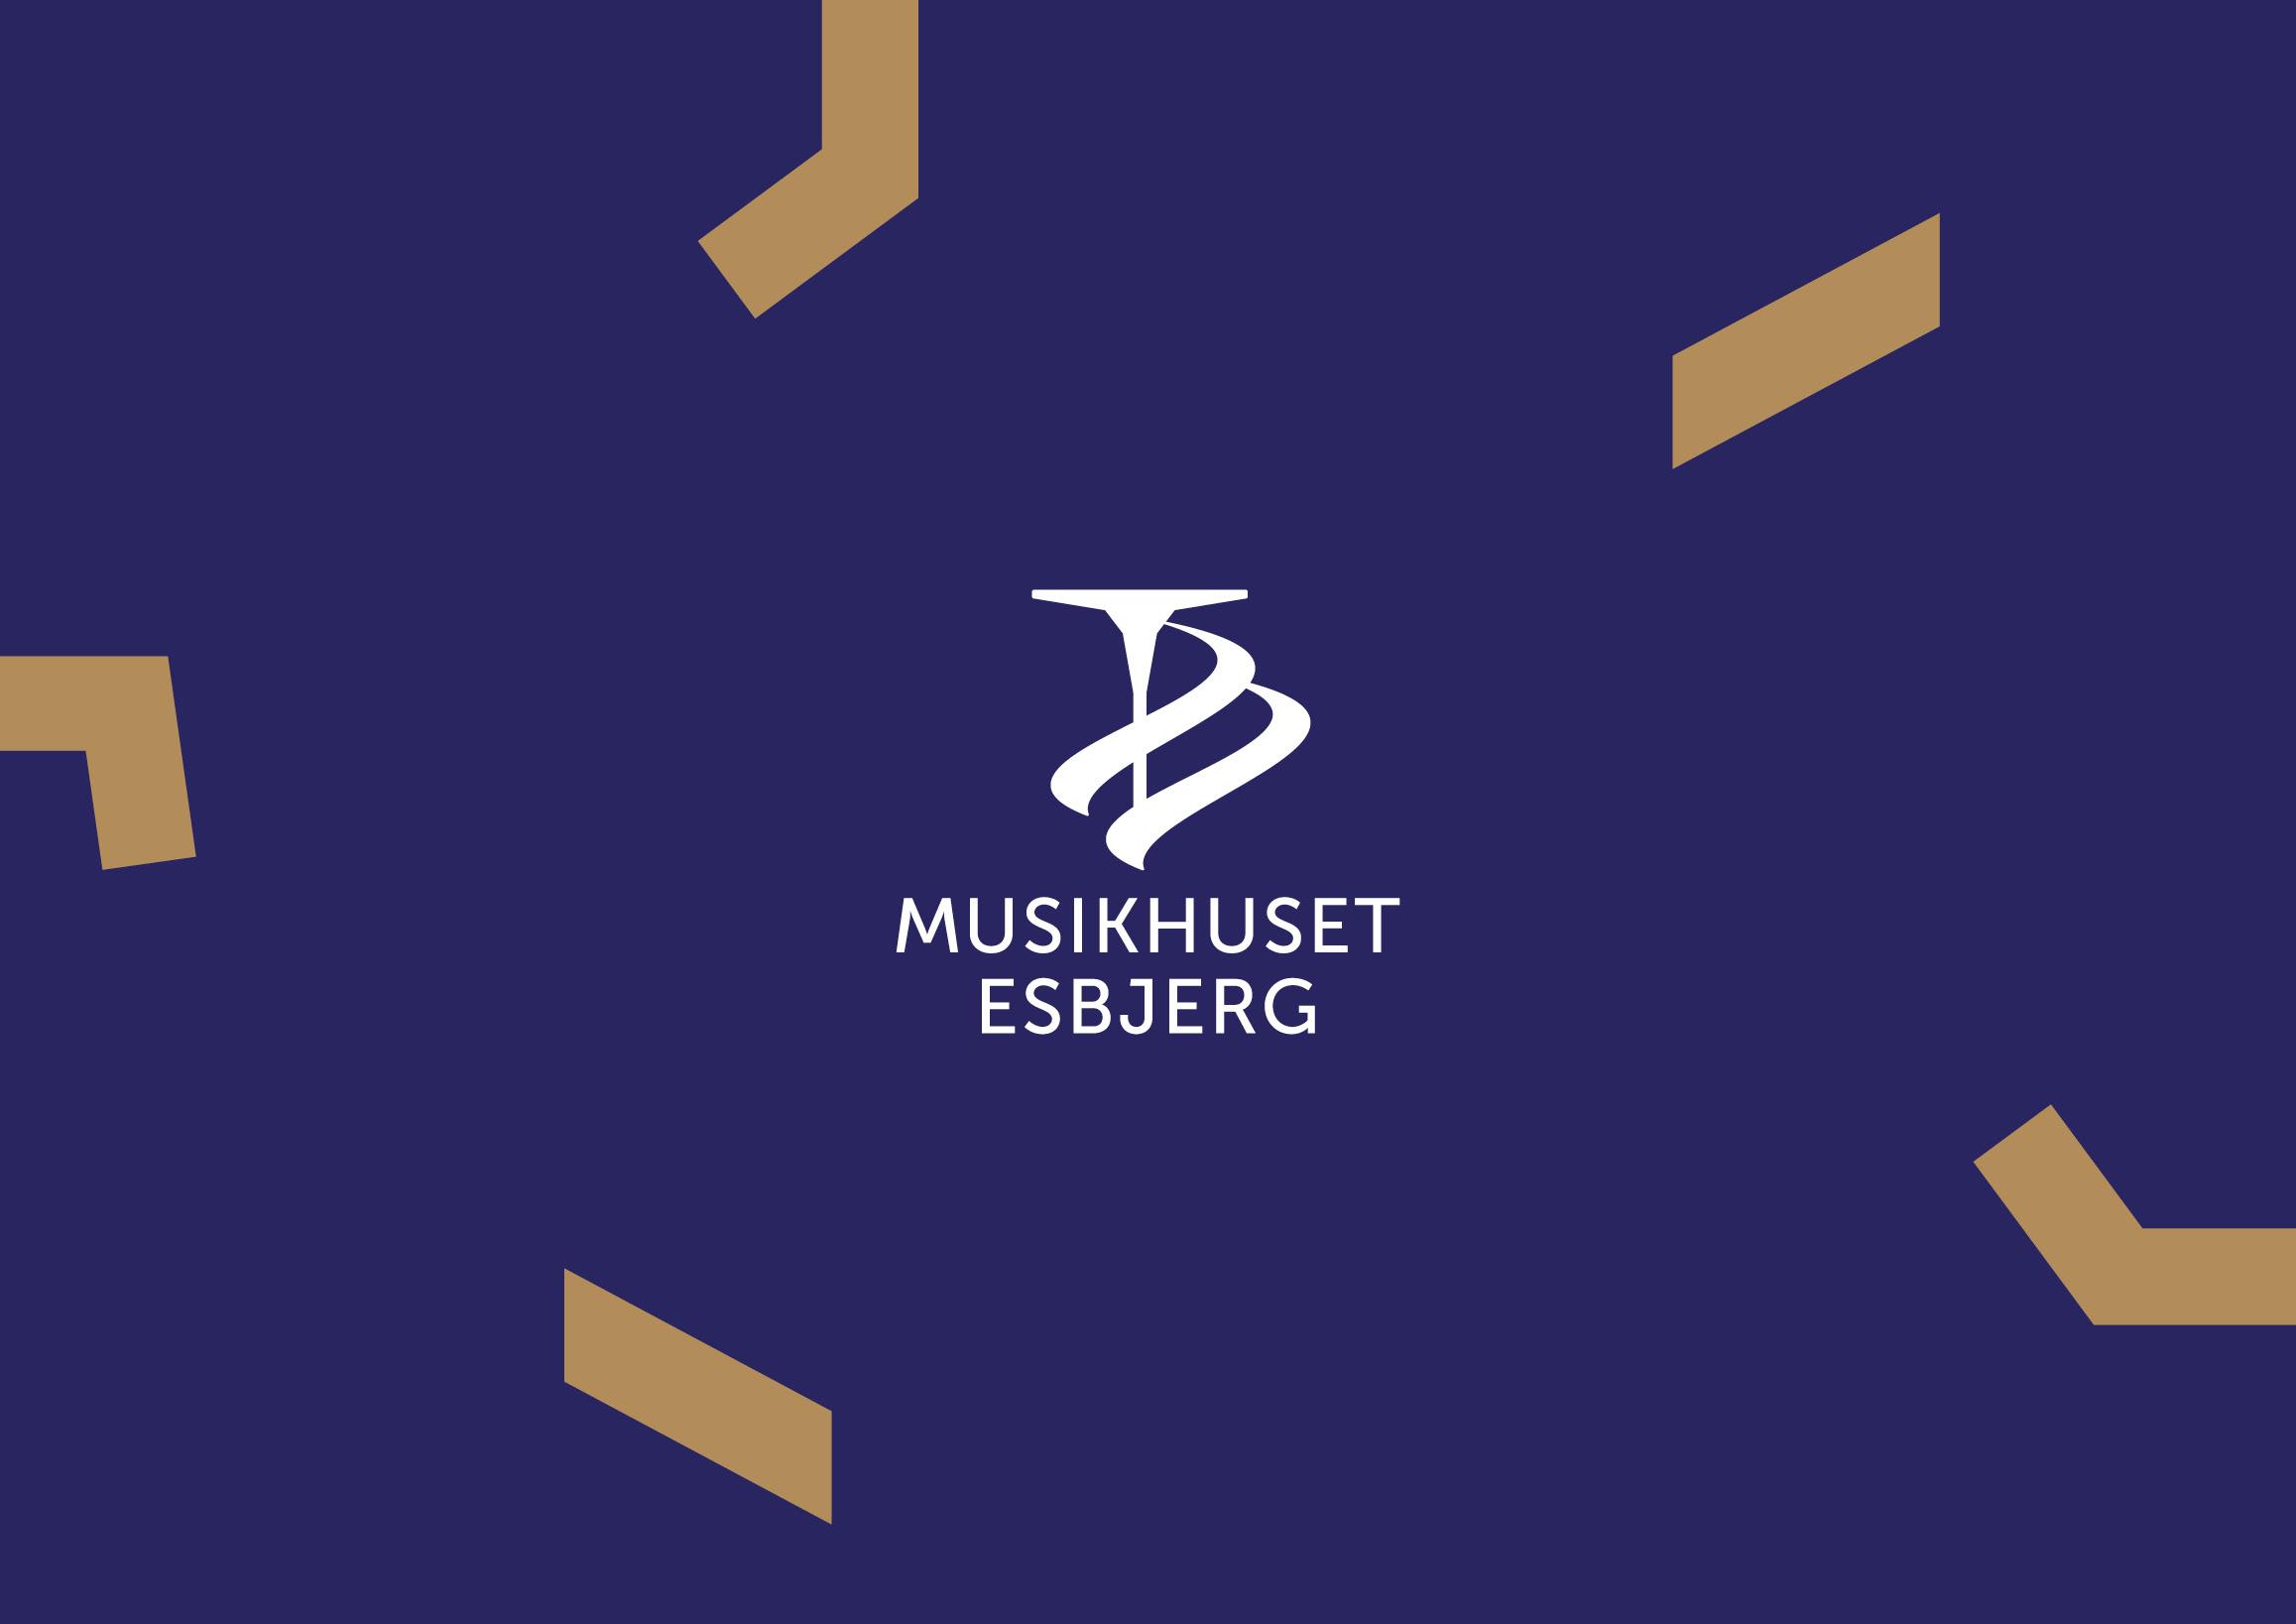 Musikhuset_01 logo.jpg